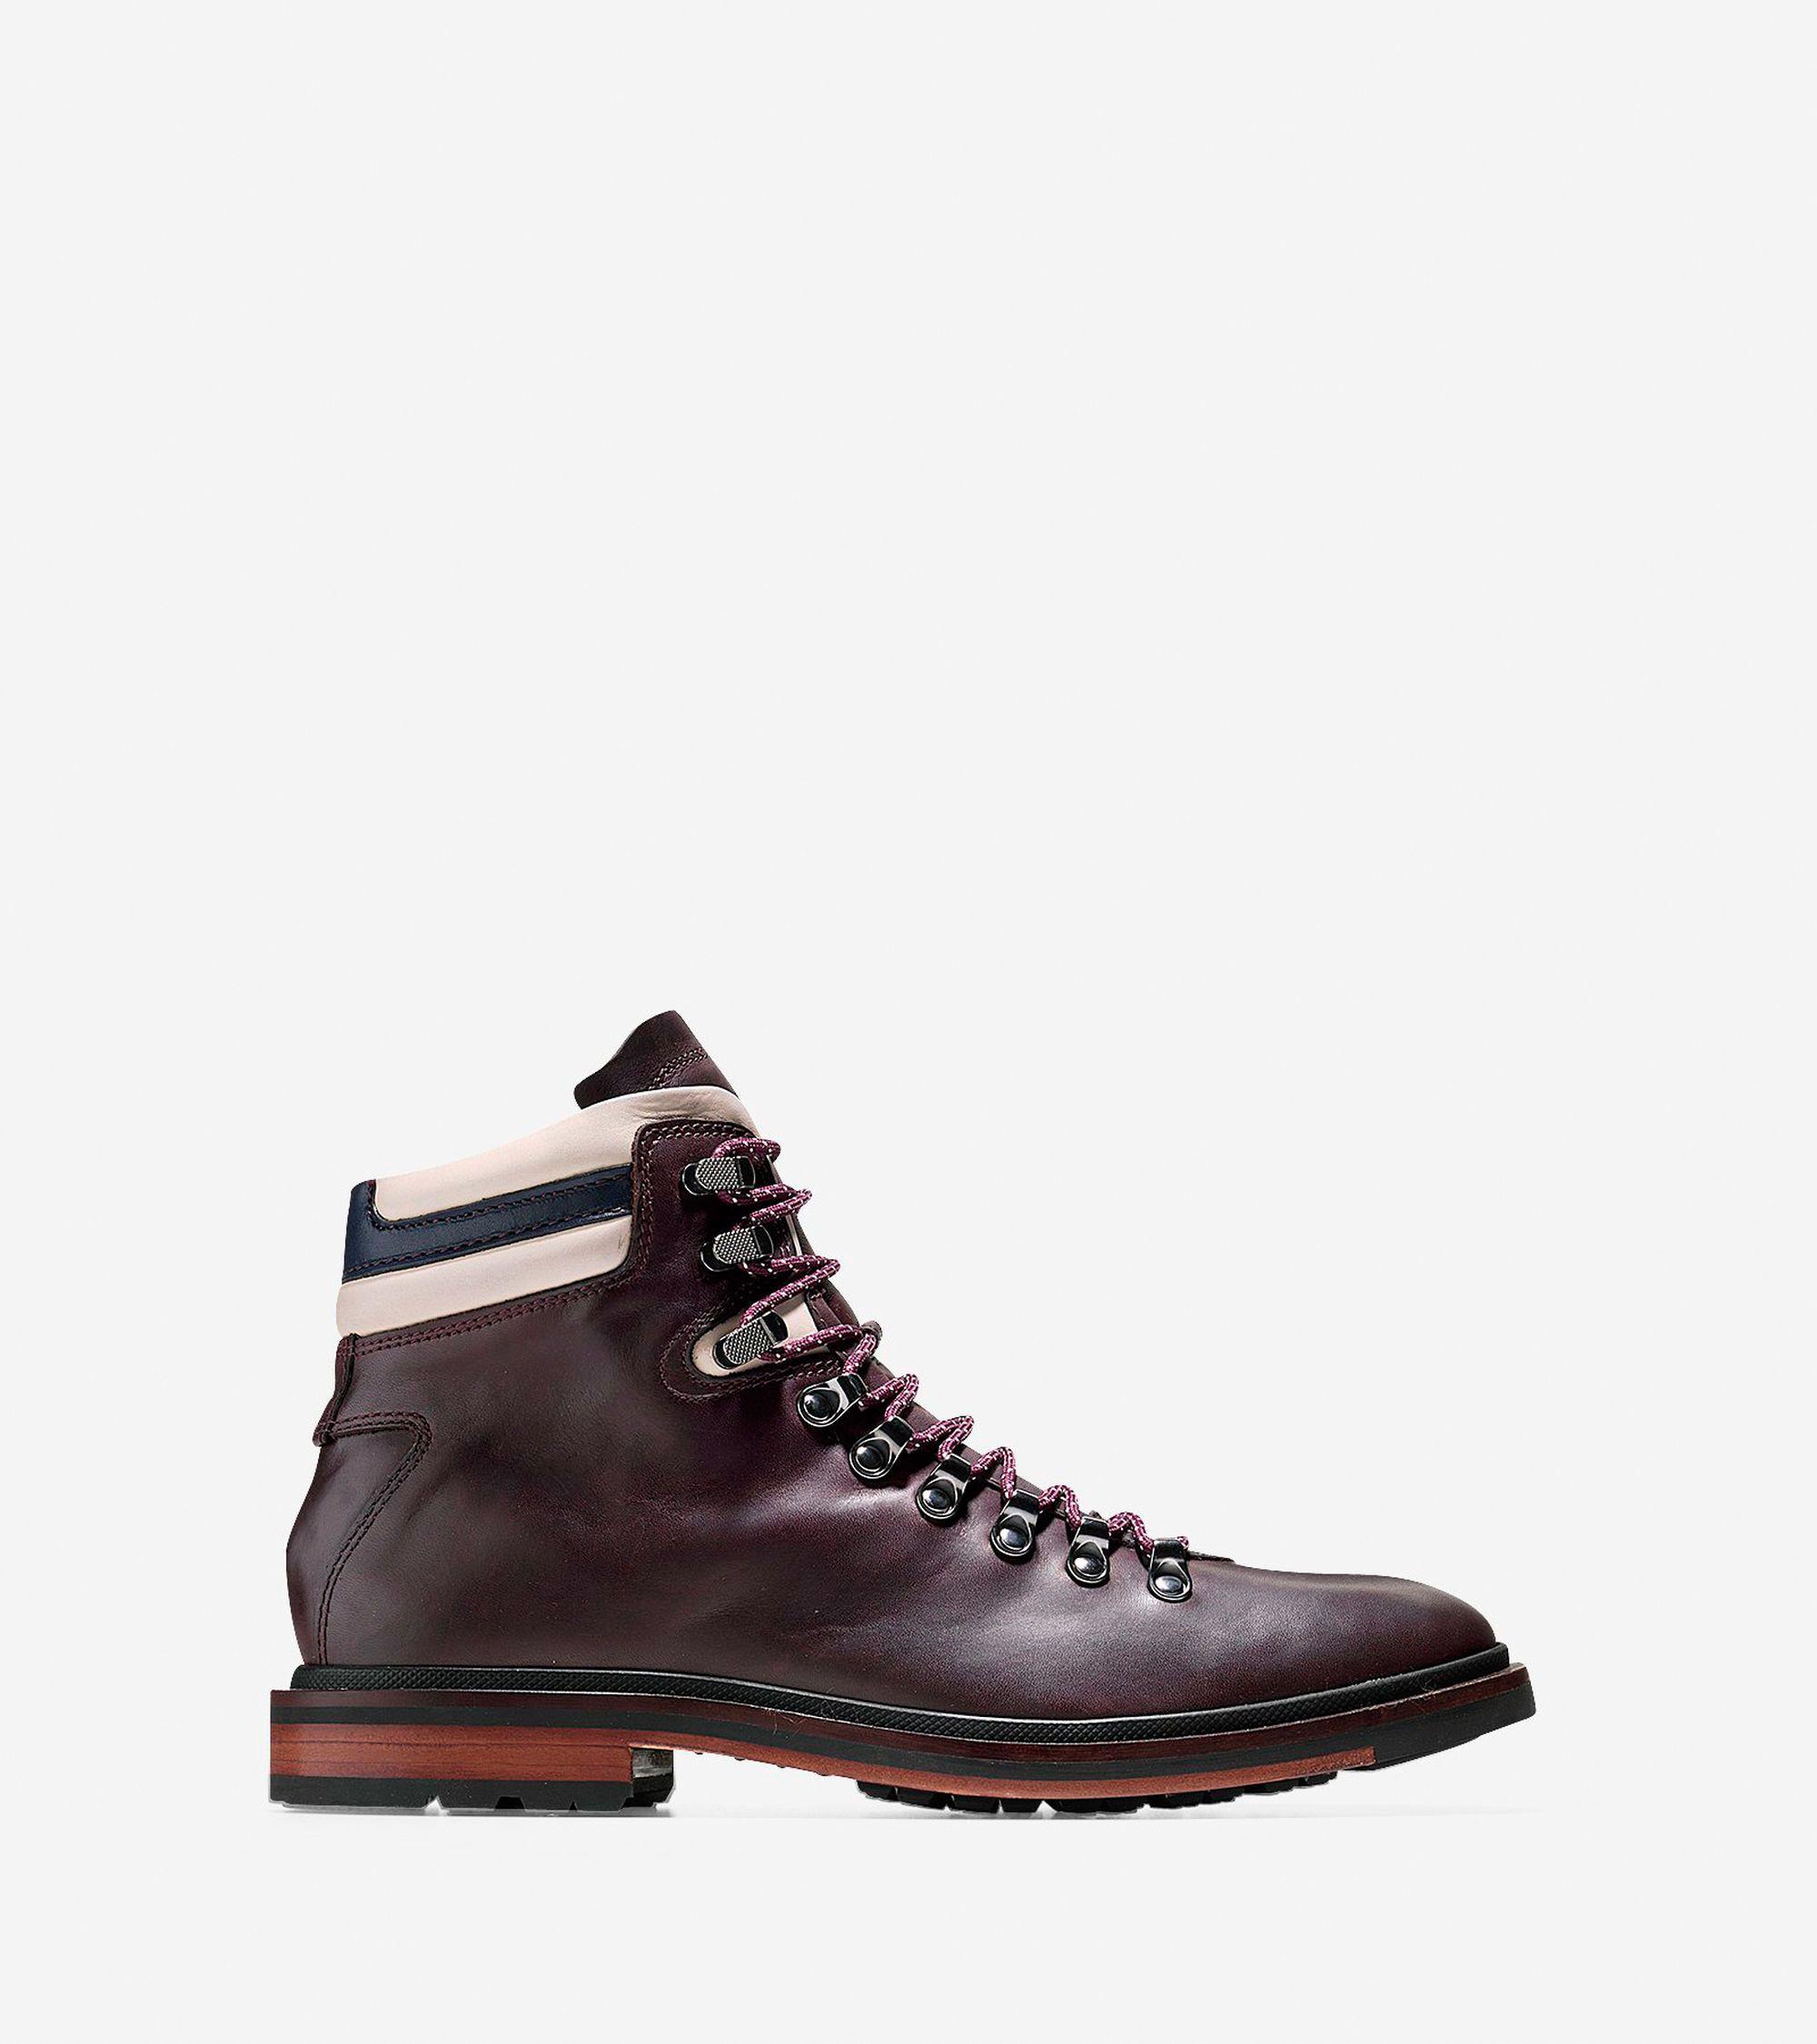 Boots & Chukkas > Cranston Water Resistant Hiker Boot - Cole Haan